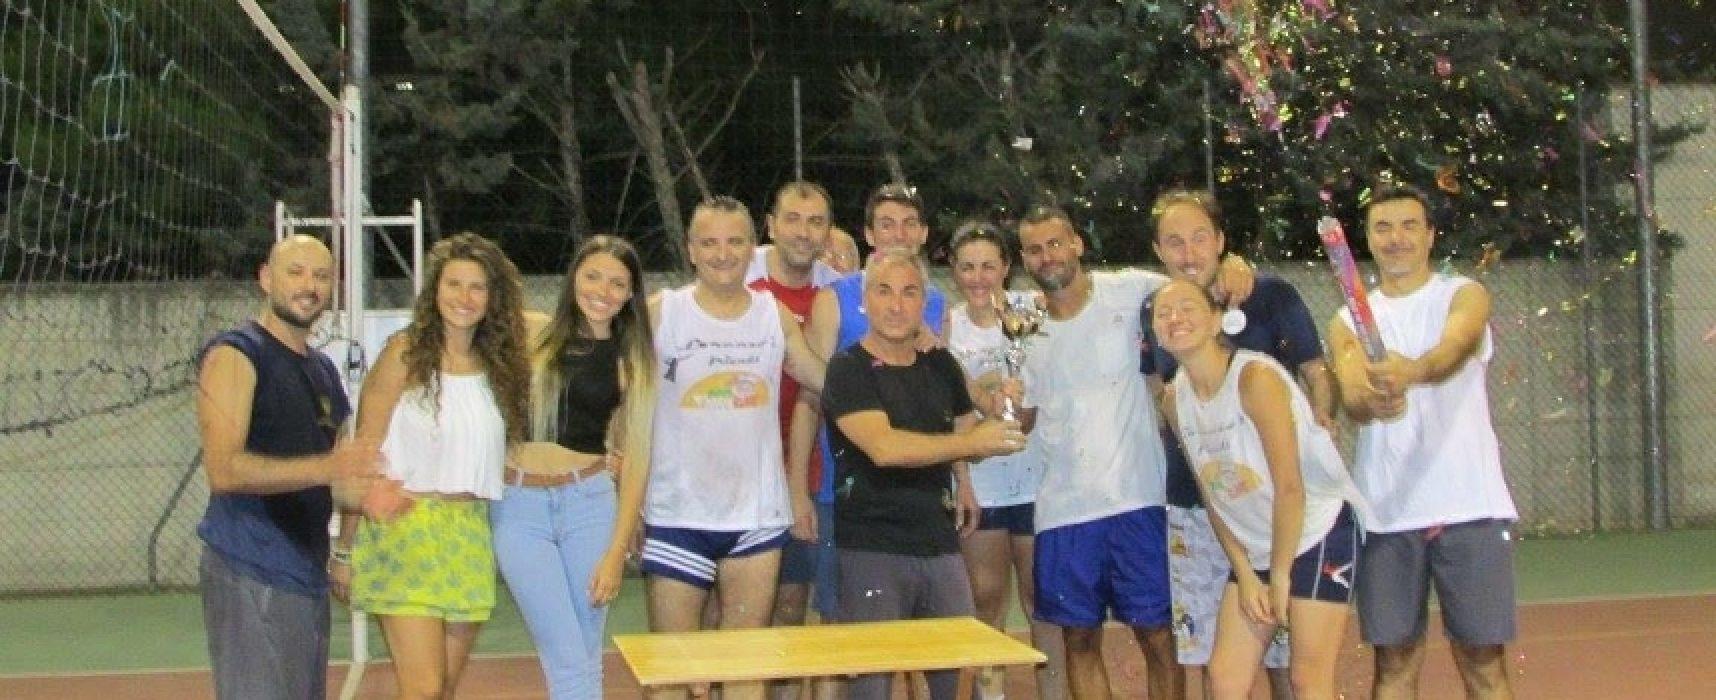 Torneo misto di pallavolo, i Lorenzo's Friends vincono la 7^ edizione / FOTO